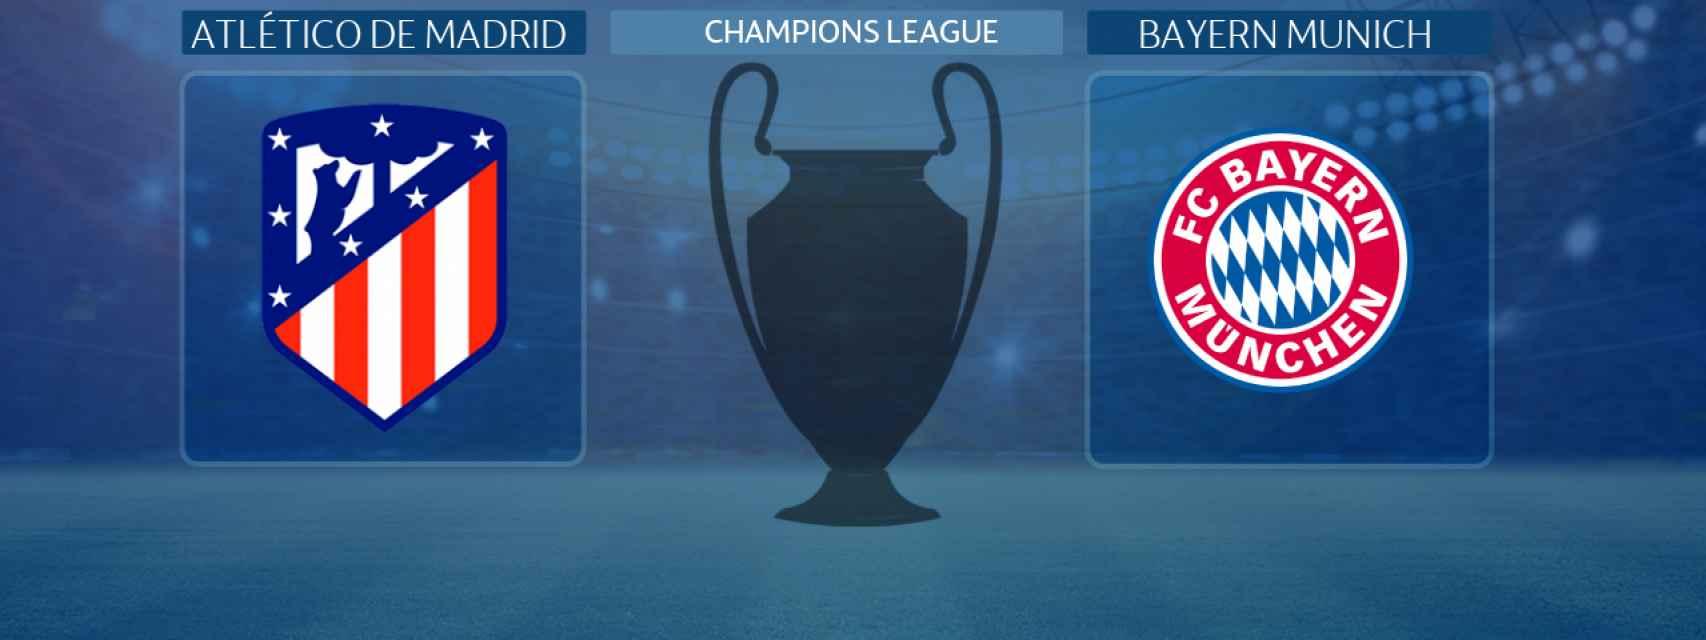 Atlético de Madrid - Bayern Munich, partido de la Champions League